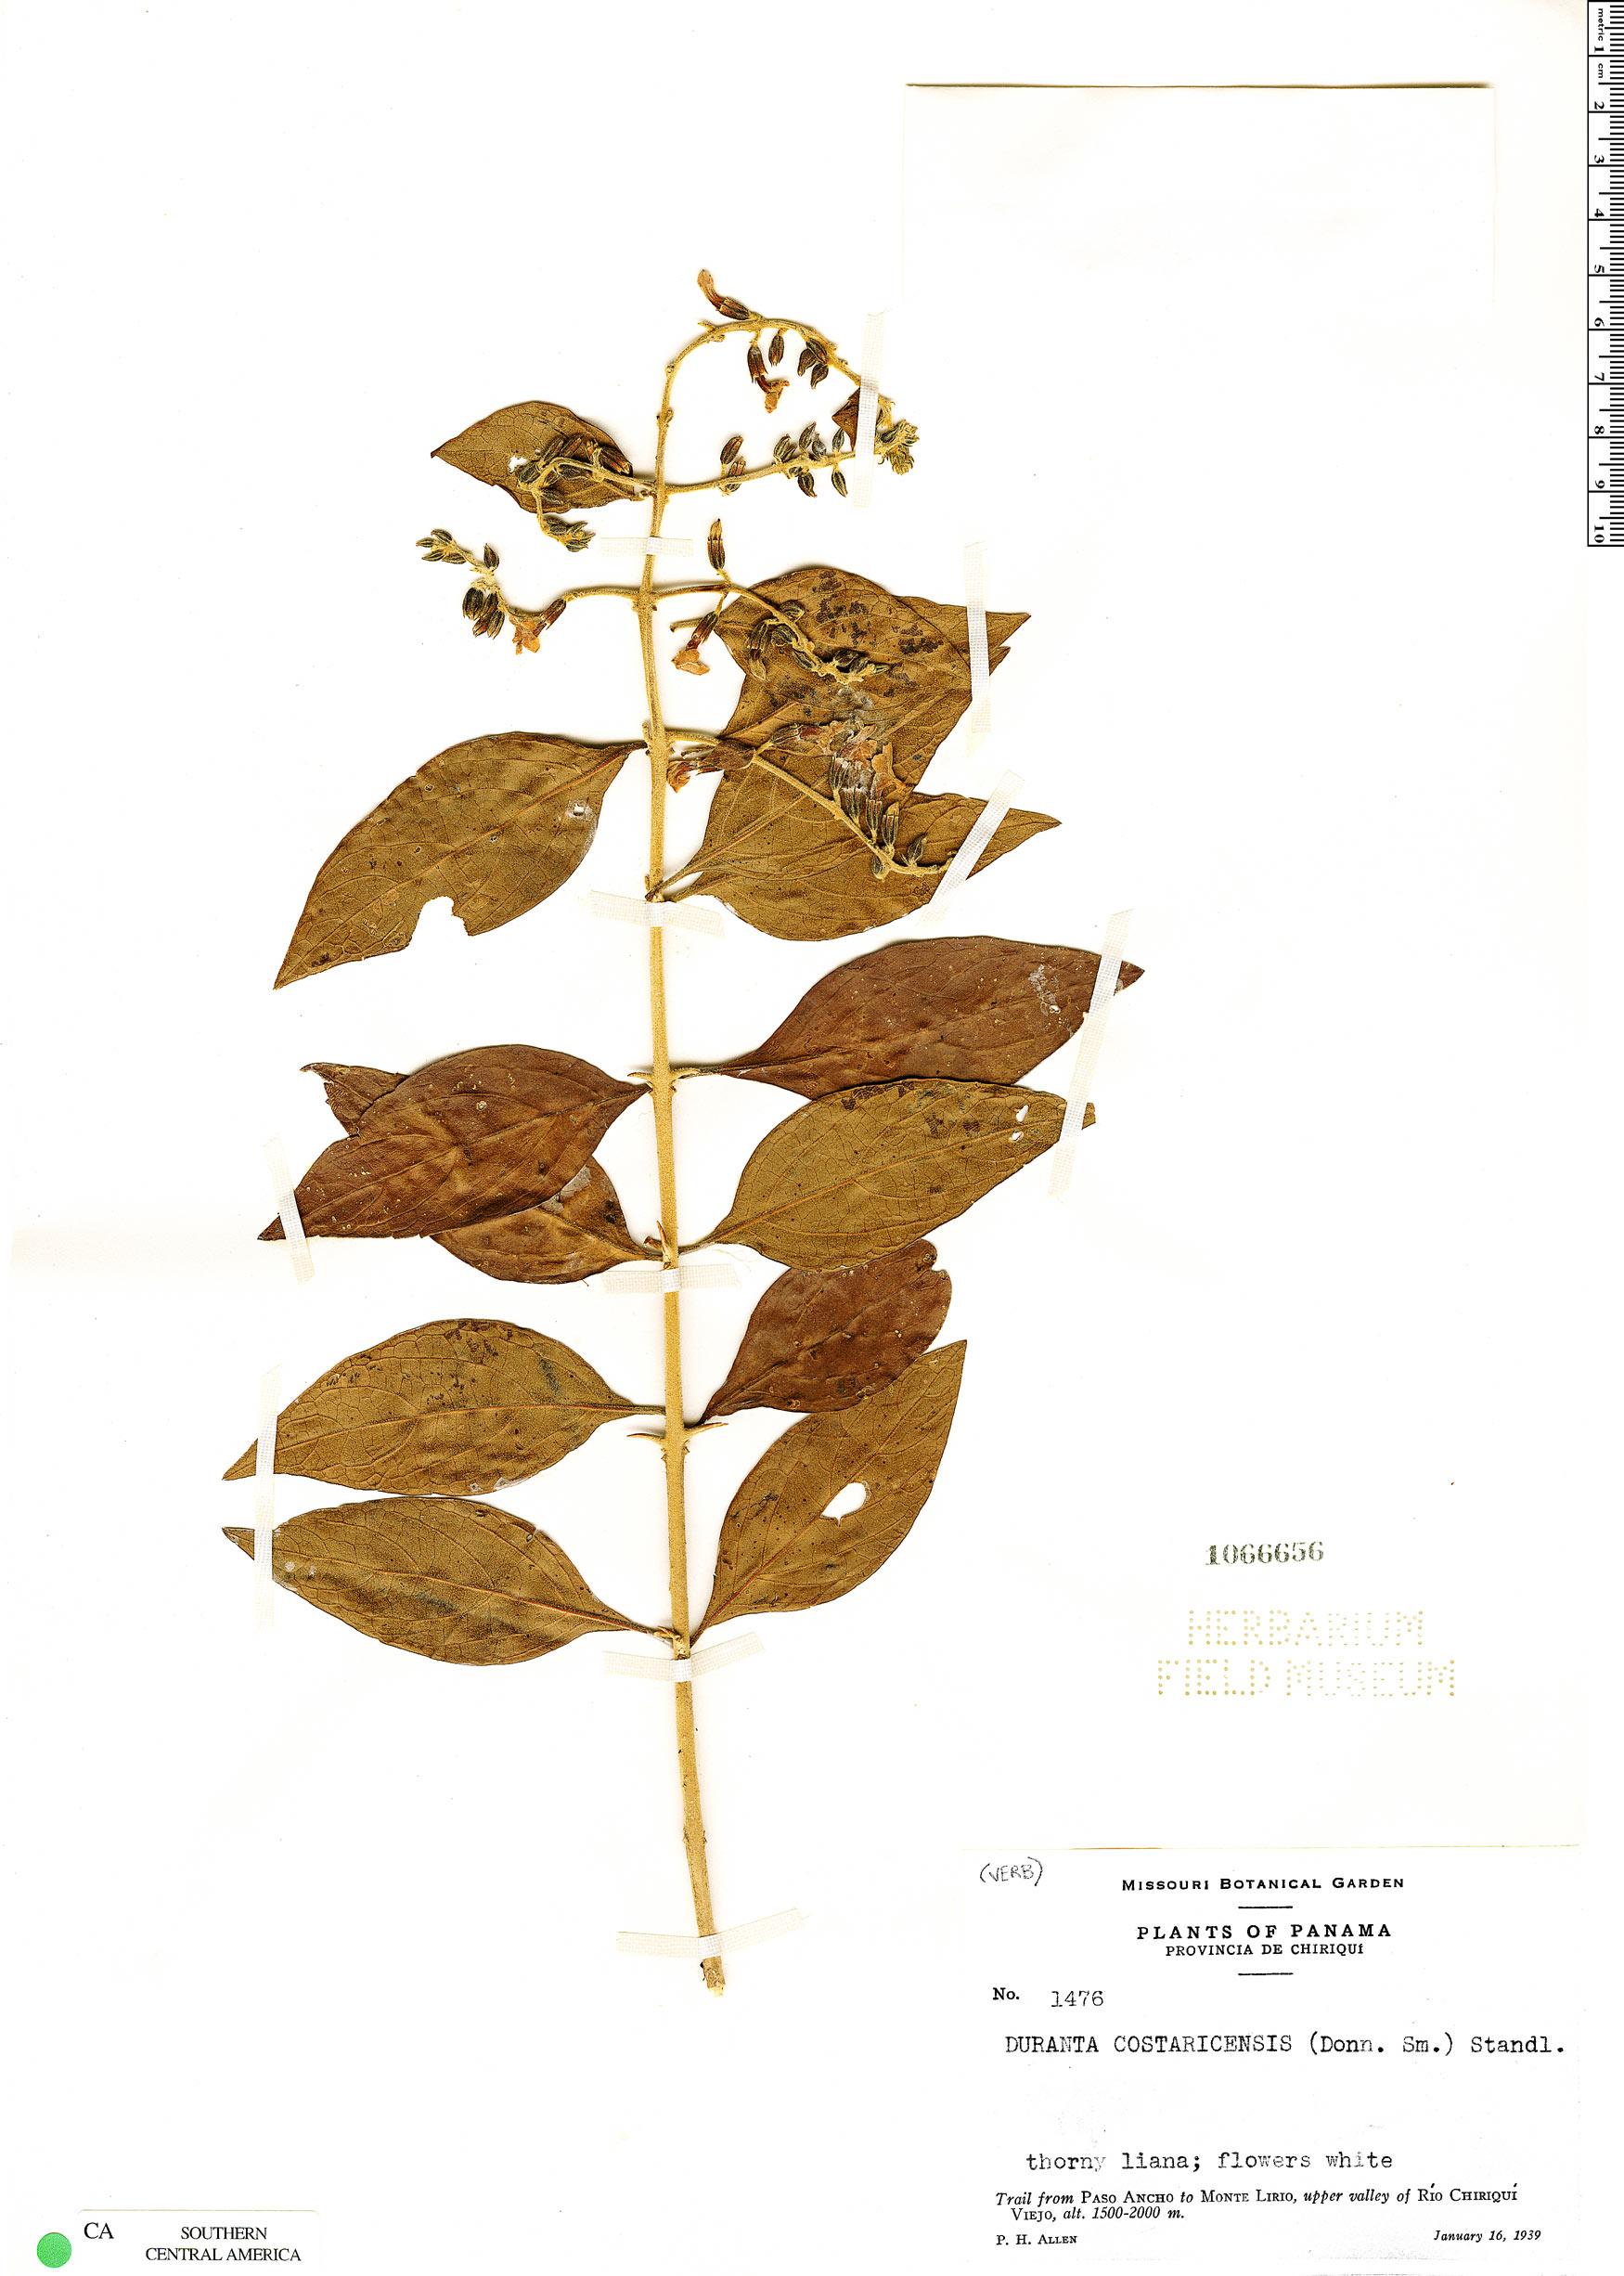 Specimen: Duranta costaricensis